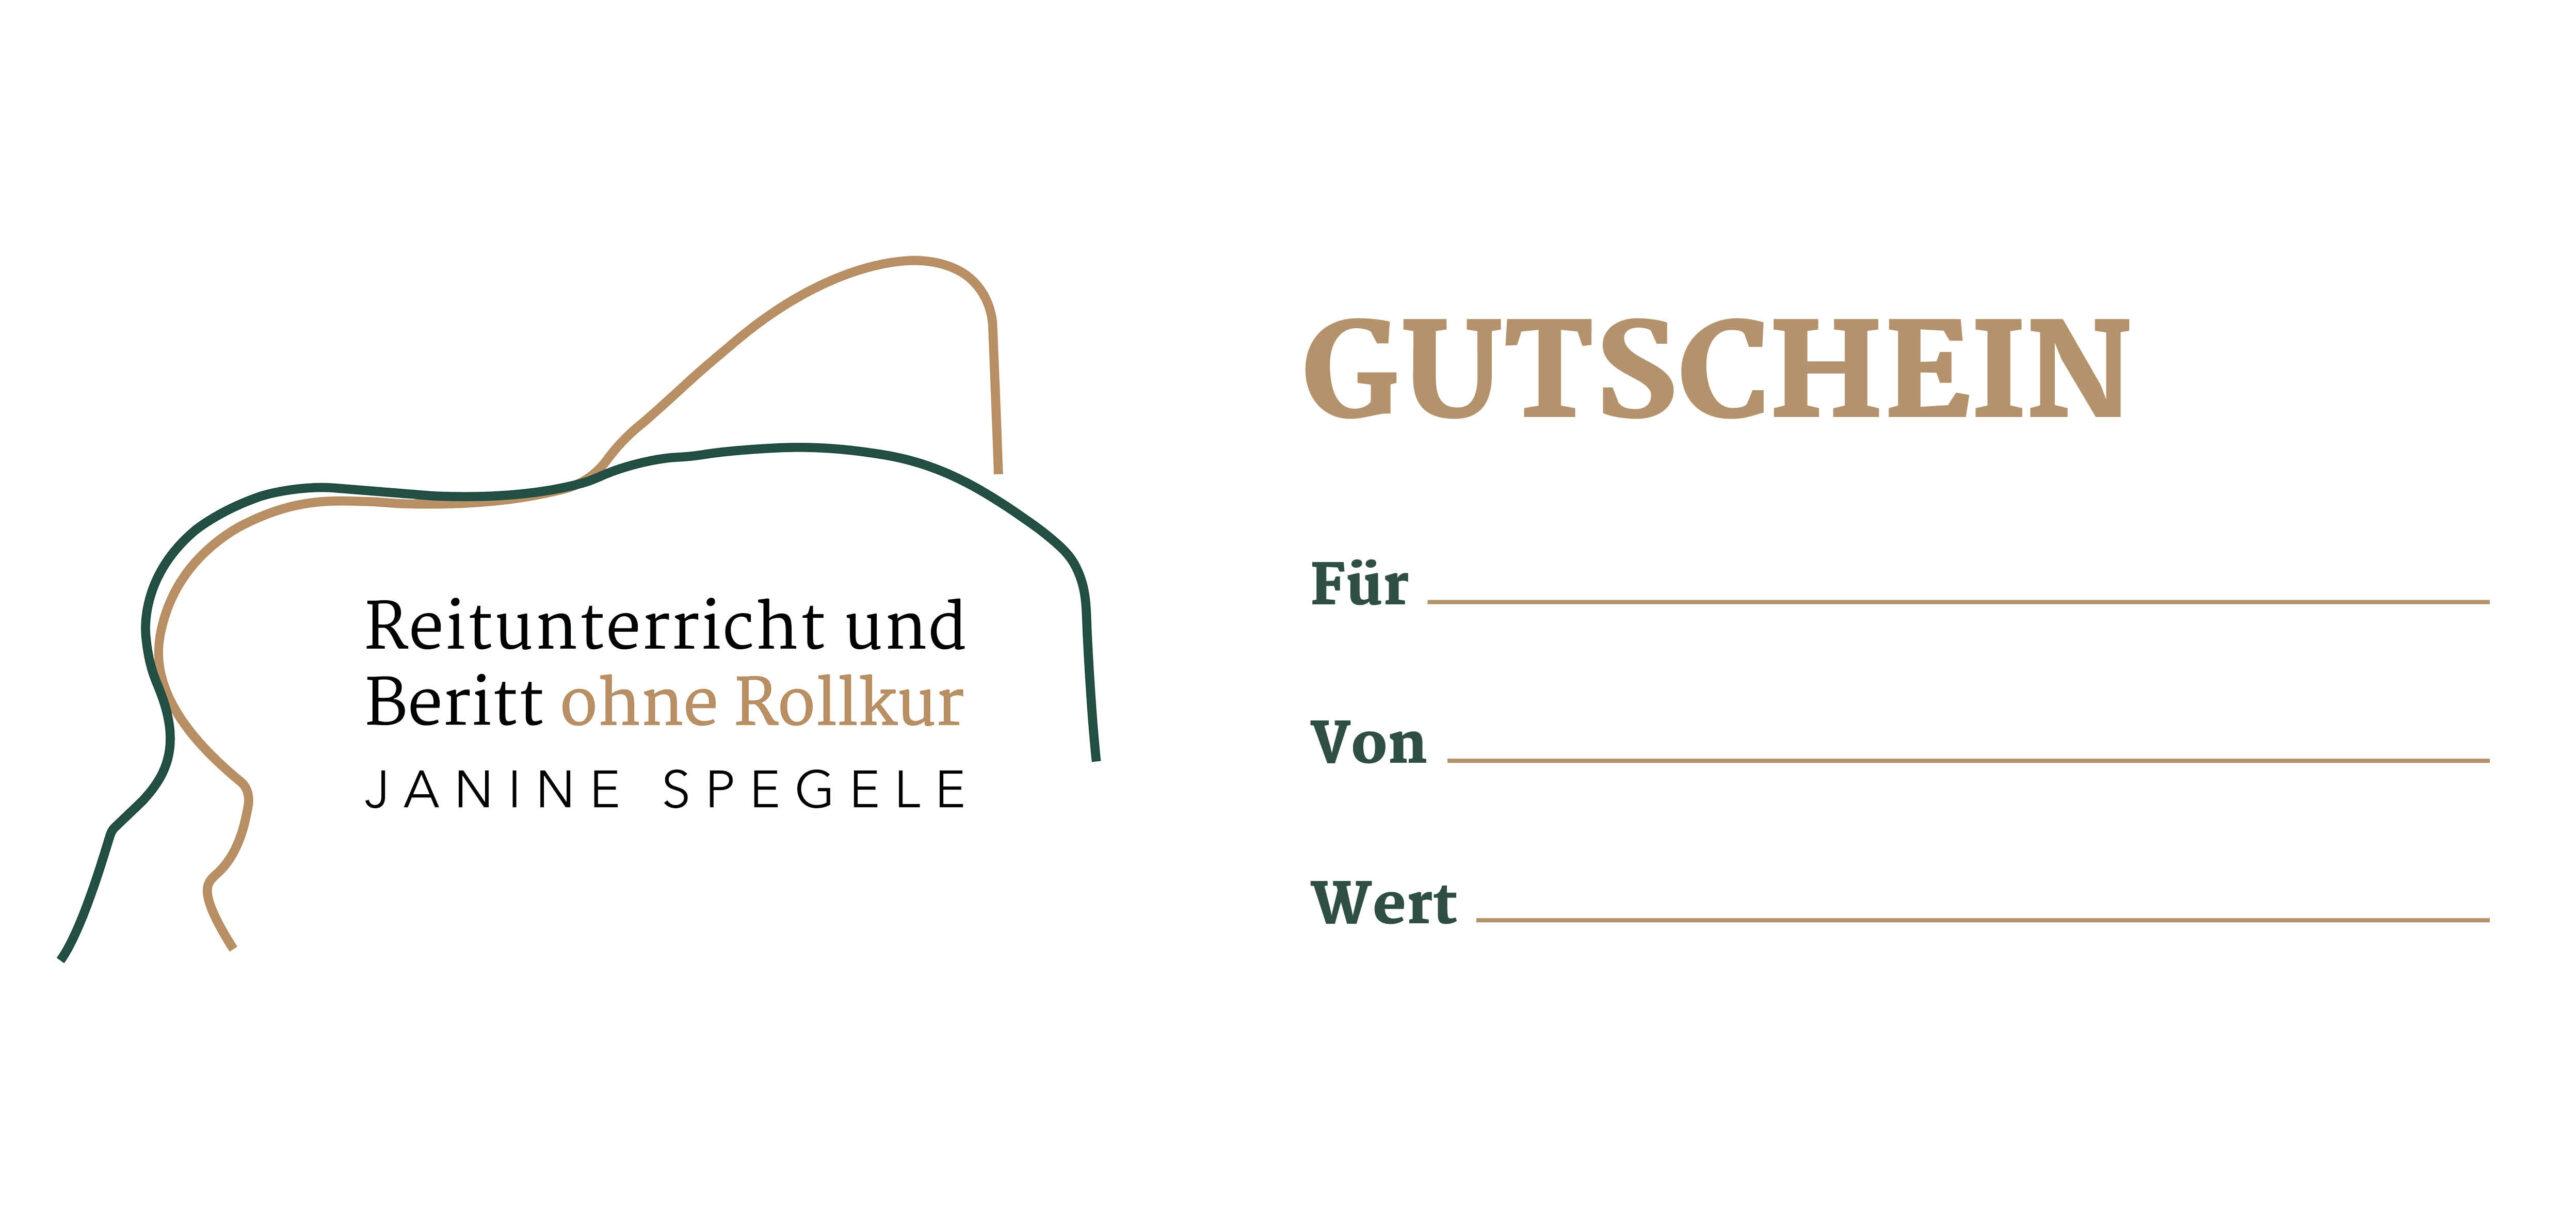 Gutschein_Allgemein